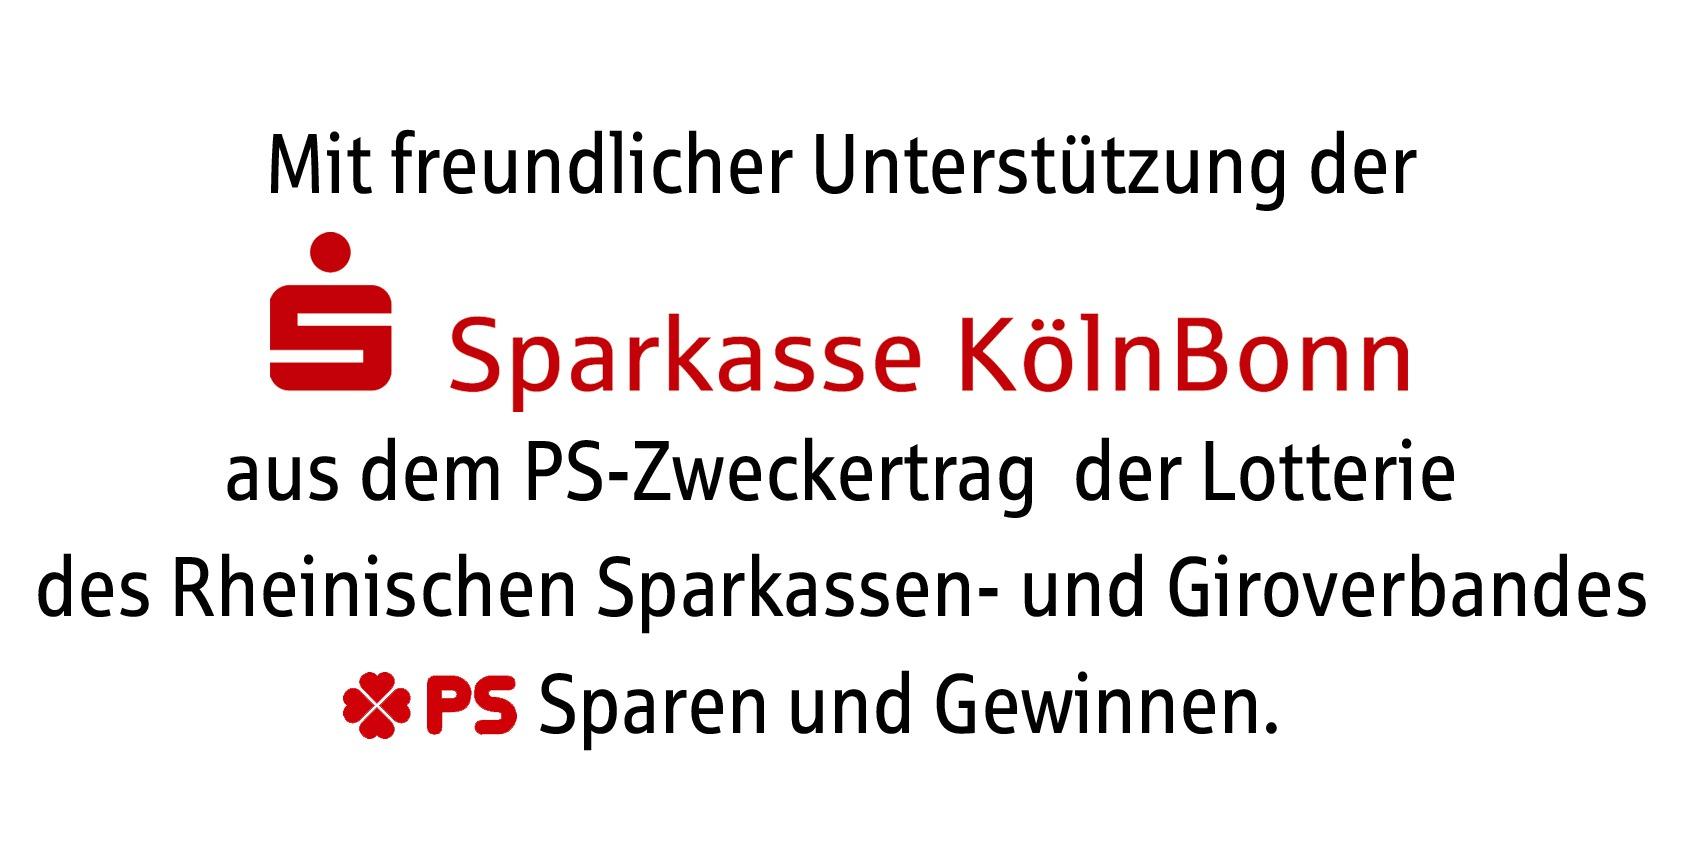 Mit freundlicher Unterstützung der Sparkasse KölnBonn aus dem PS-Zweckertrag der Lotterie des Rheinischen Sparkassen- und Giroverbandes PS Sparen und Gewinnen